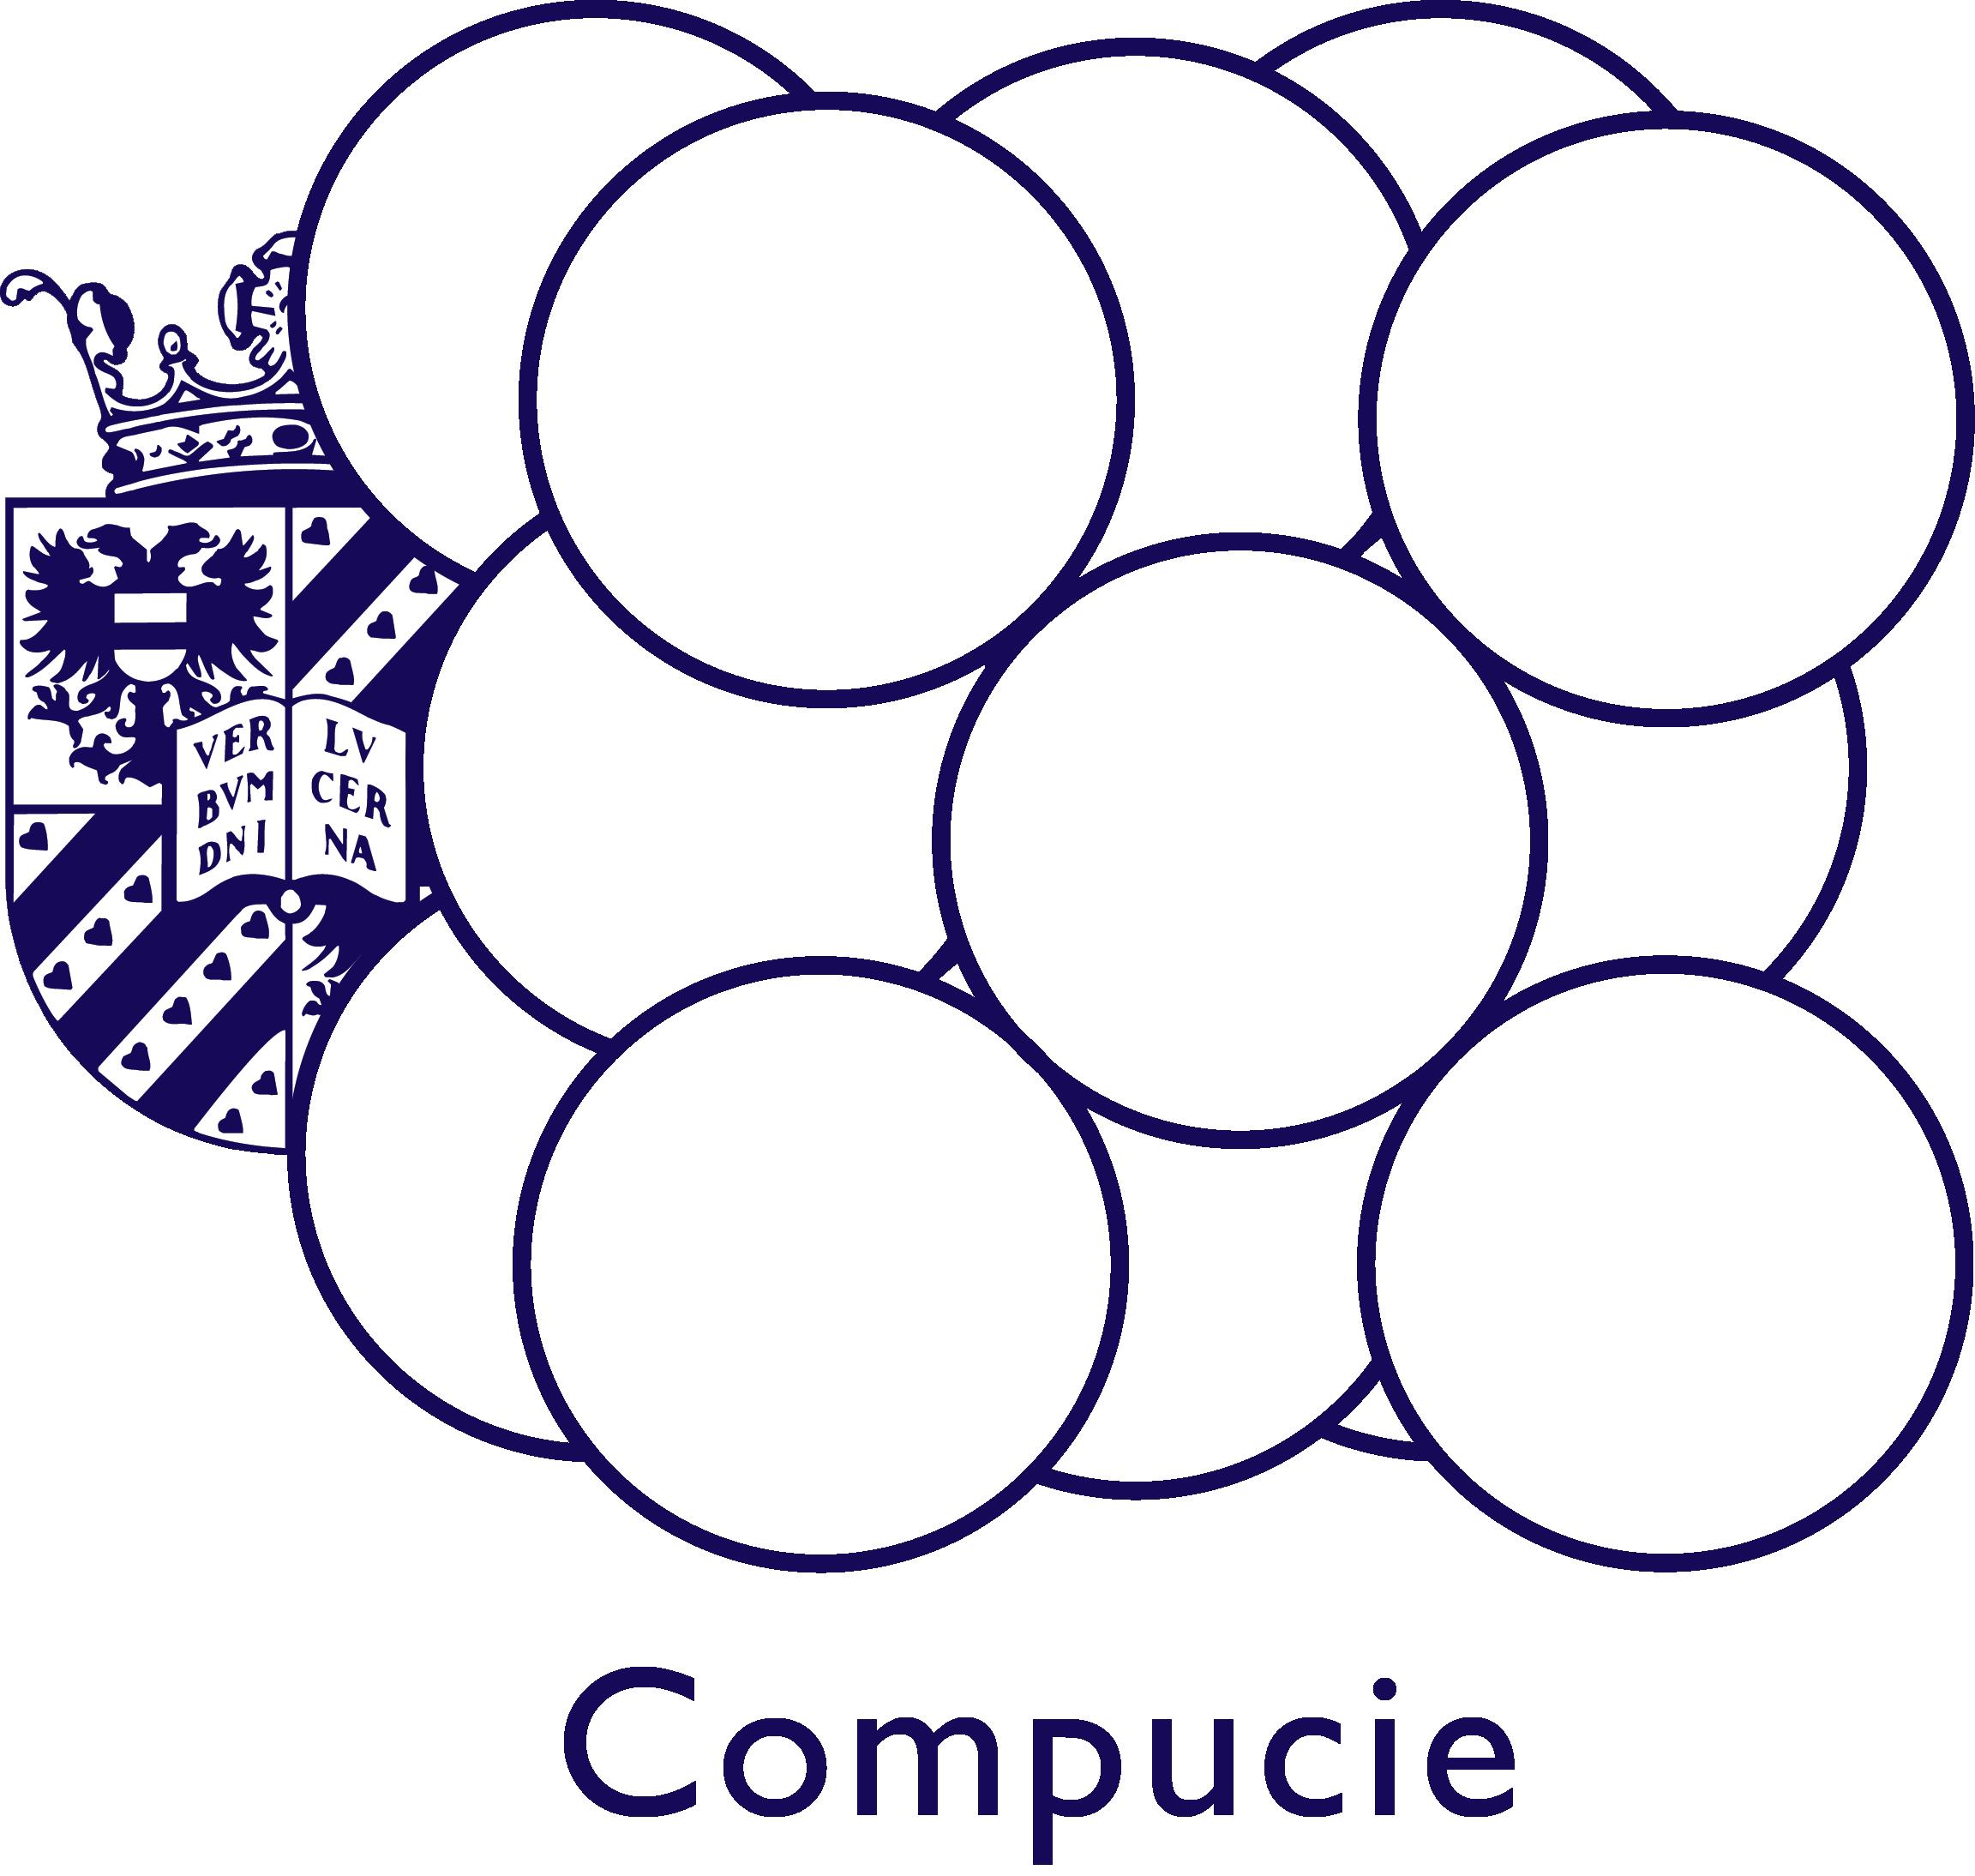 Compucie's logo